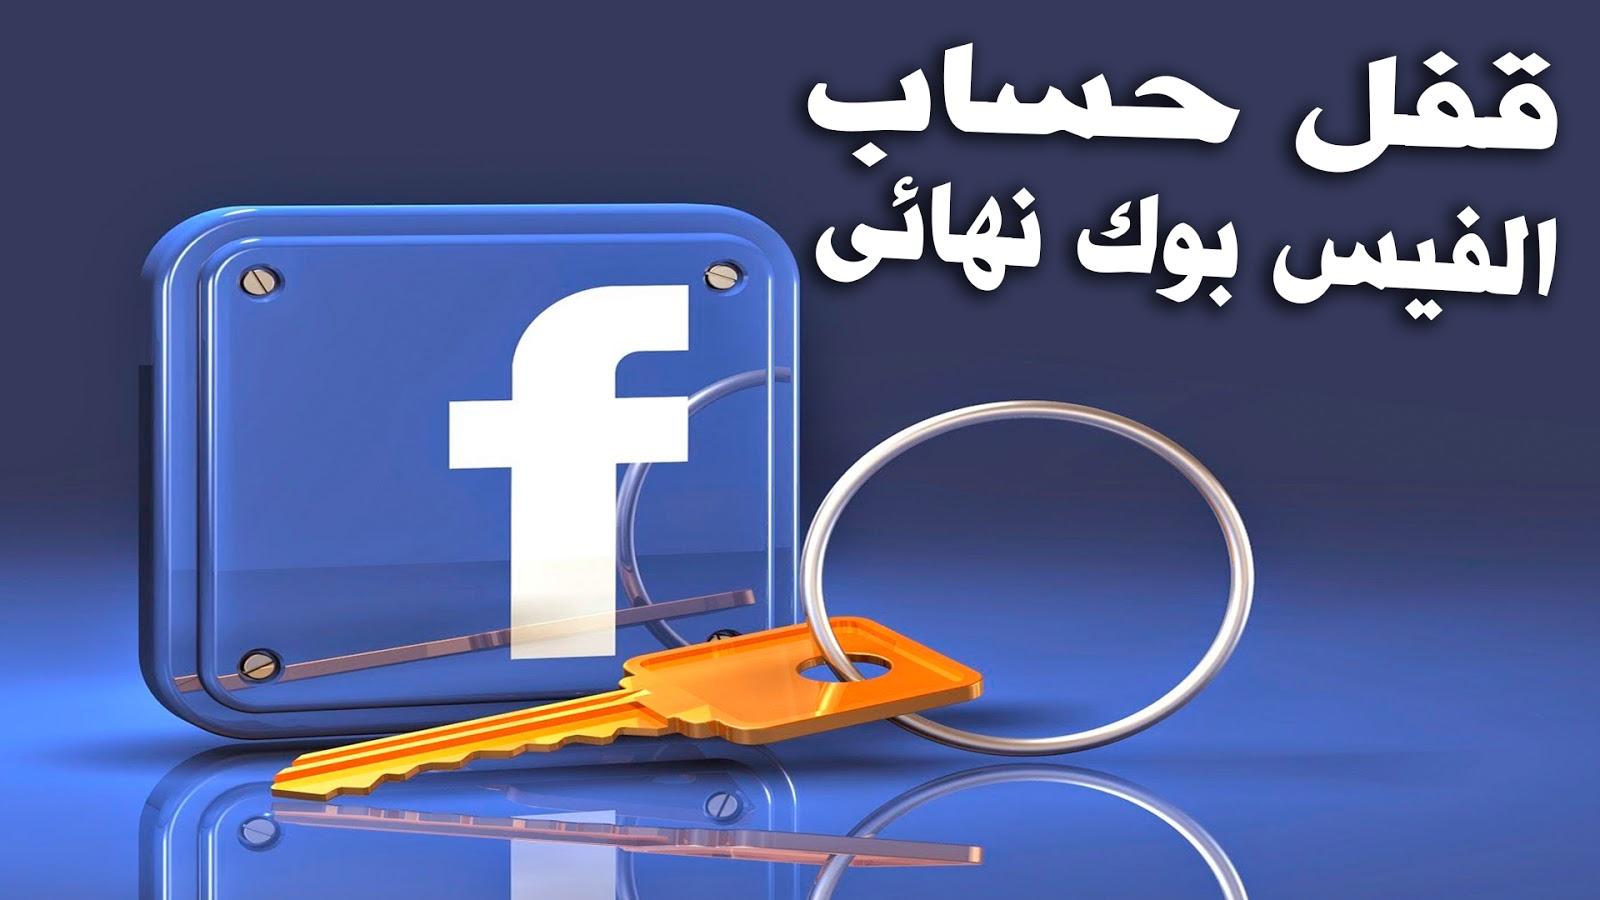 قفل حساب الفيس بوك نهائيا